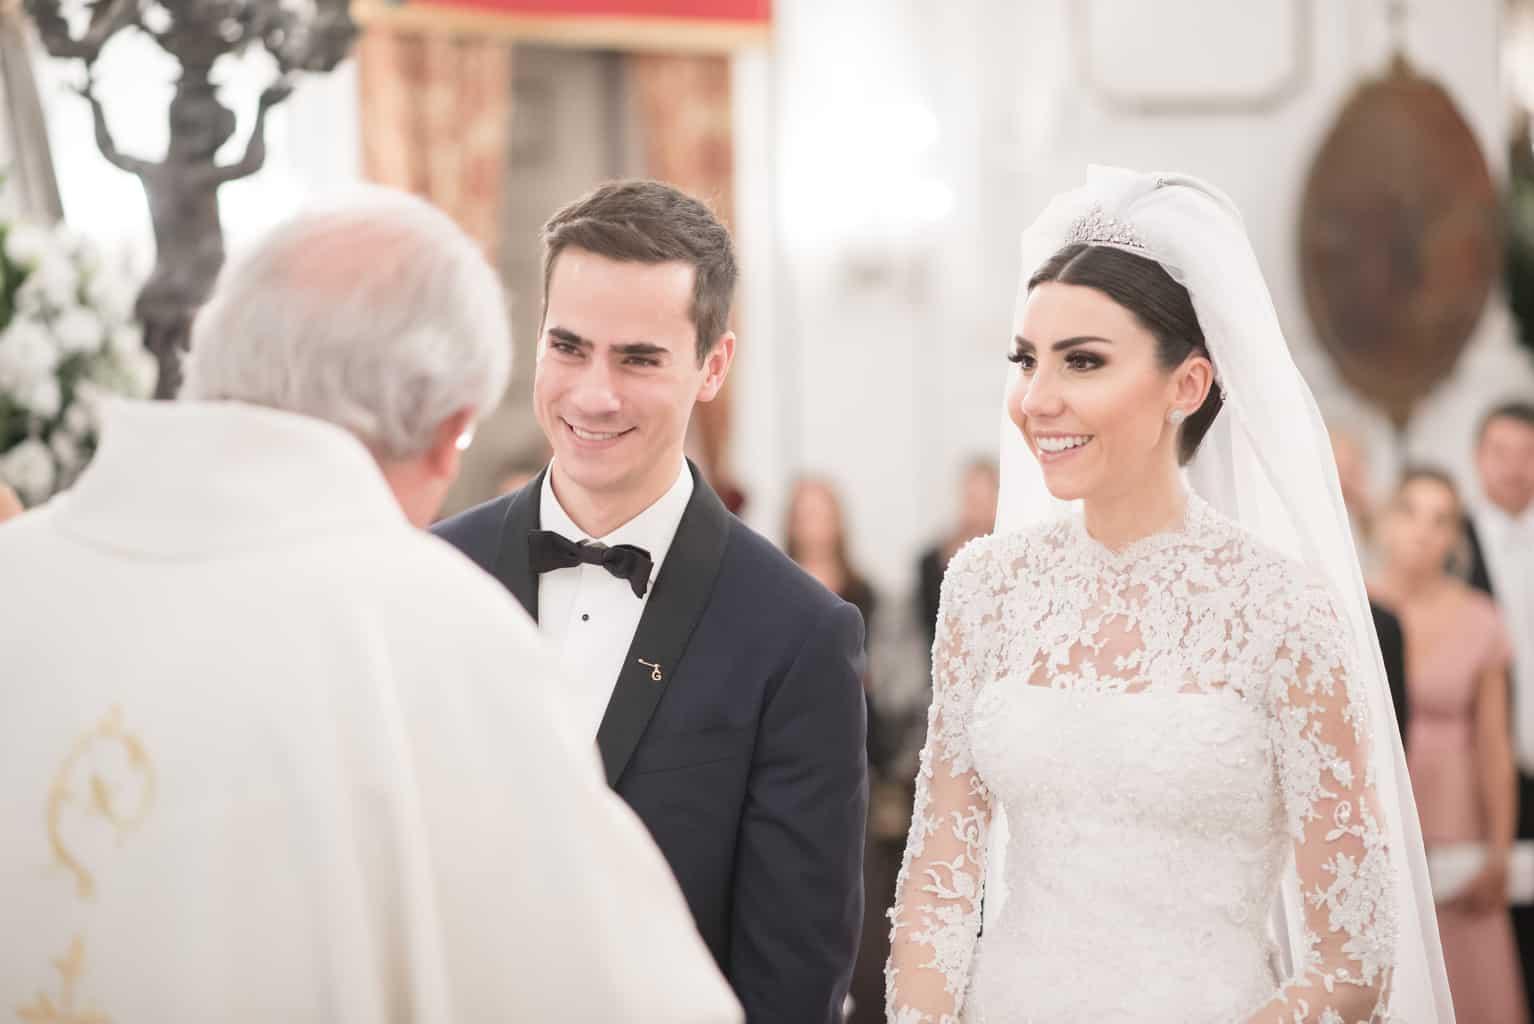 casamento-Patricia-e-Thiago-Igreja-Nossa-Senhora-do-Bonsucesso-Paula-Rocha-Marina-Fava-Cerimonia1073-Patricia-e-Thiago-WAL_4147